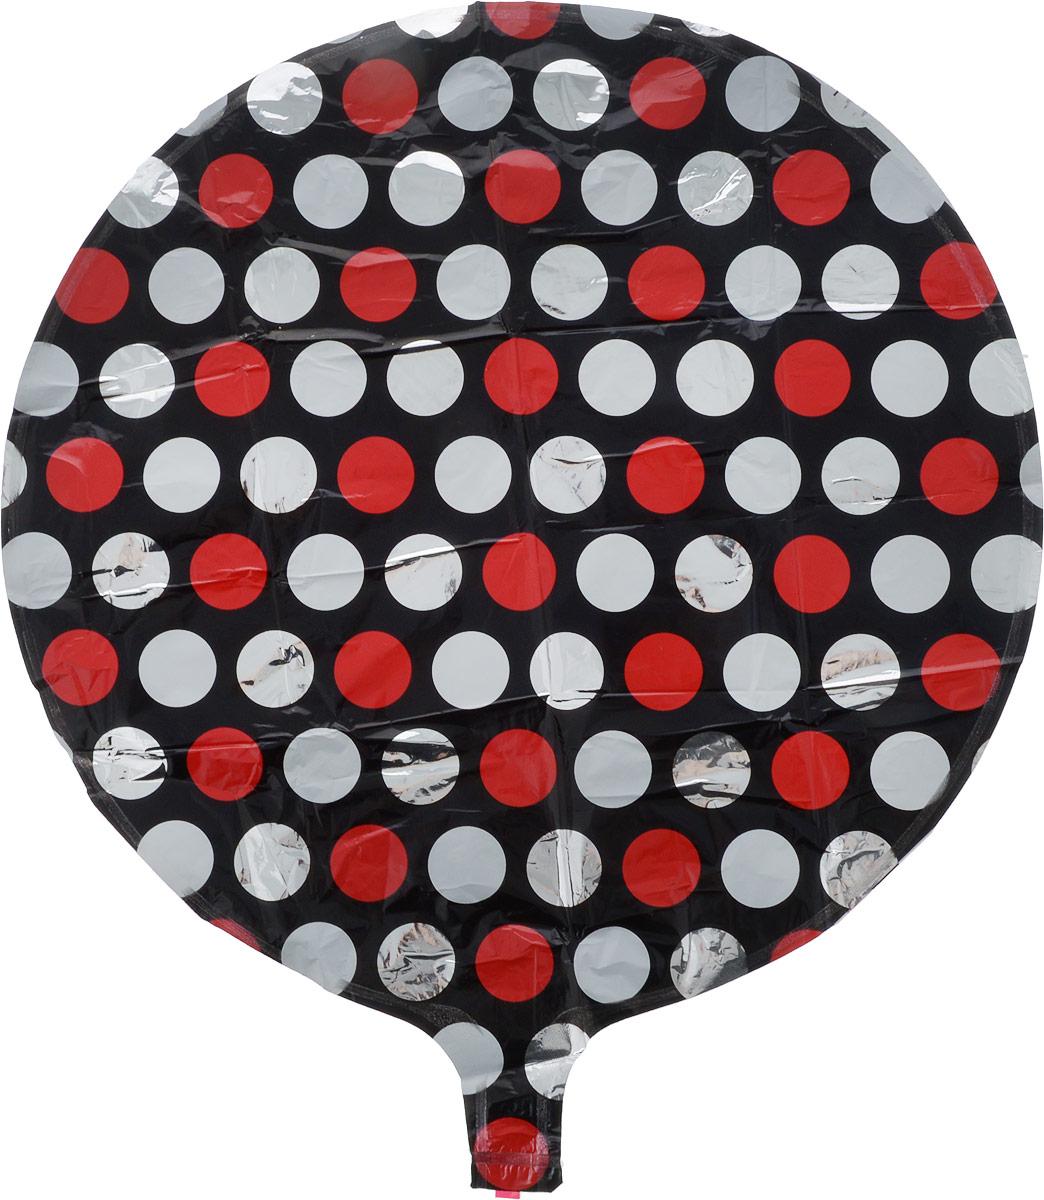 Sima-land Шар воздушный Круг цвет черный белый красный -  Воздушные шарики